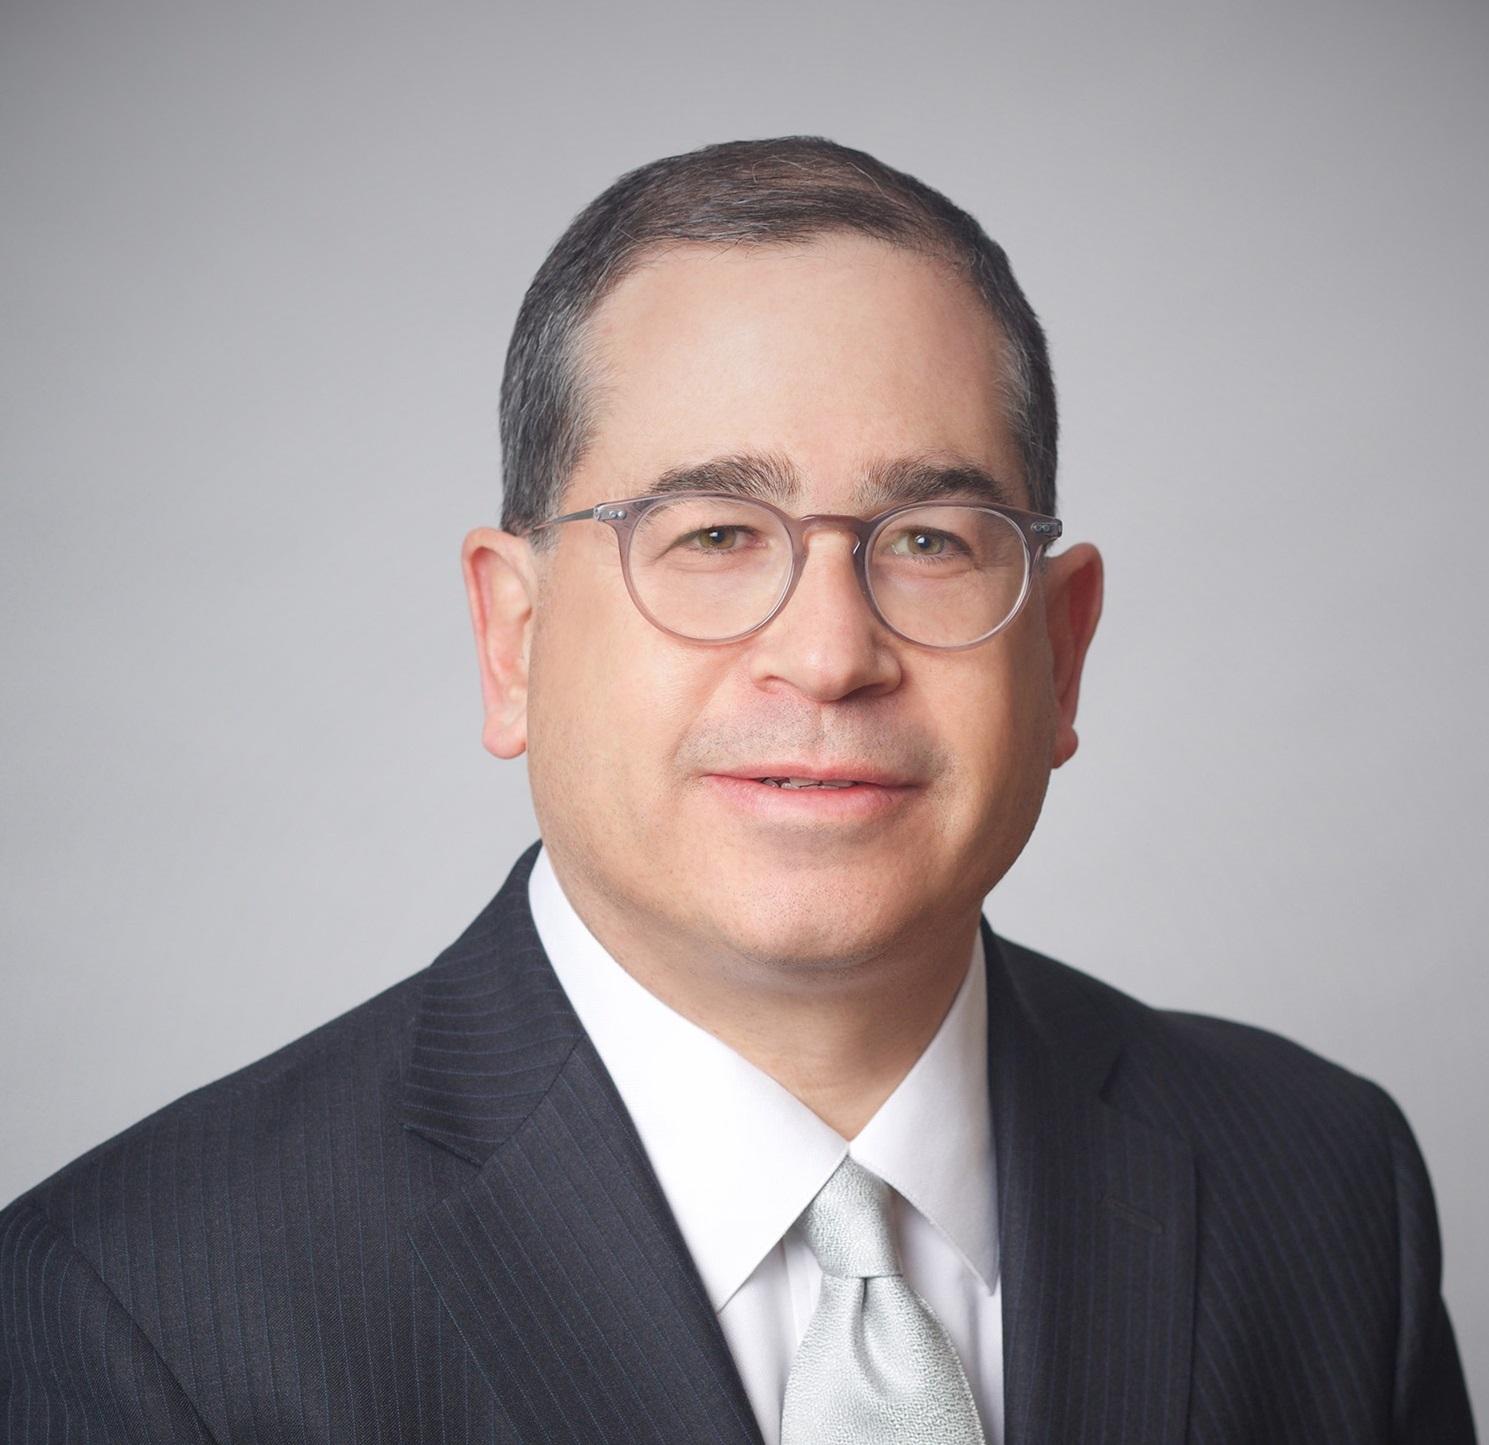 Glen J. Weiss